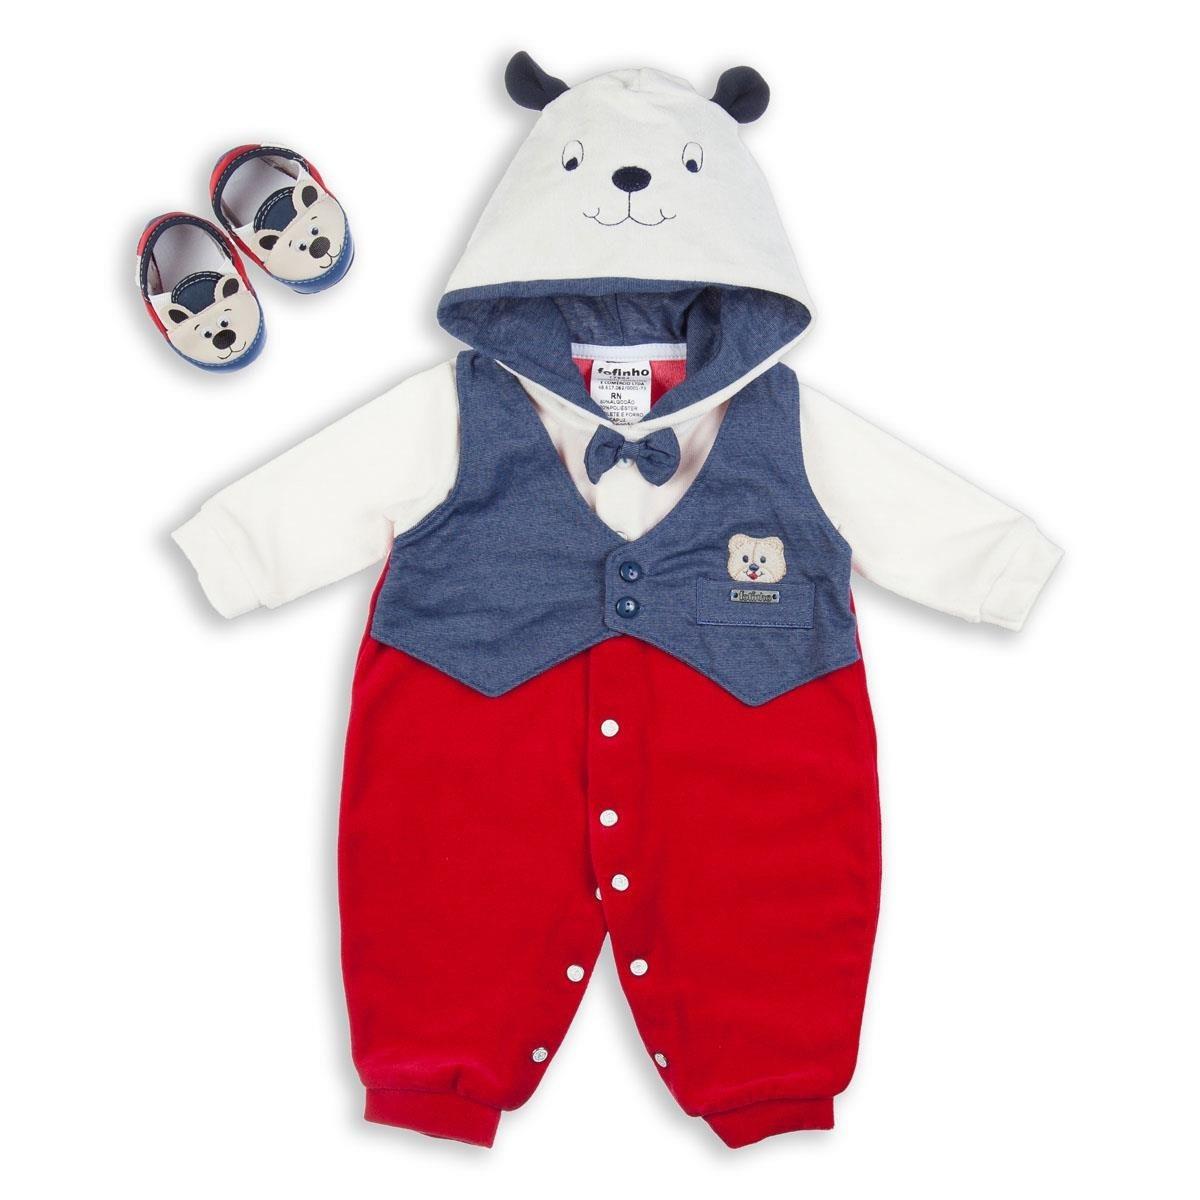 0e8c852ec3207 Saída De Maternidade Menino Urso Com Capuz - 17984 - R  162,60 em ...